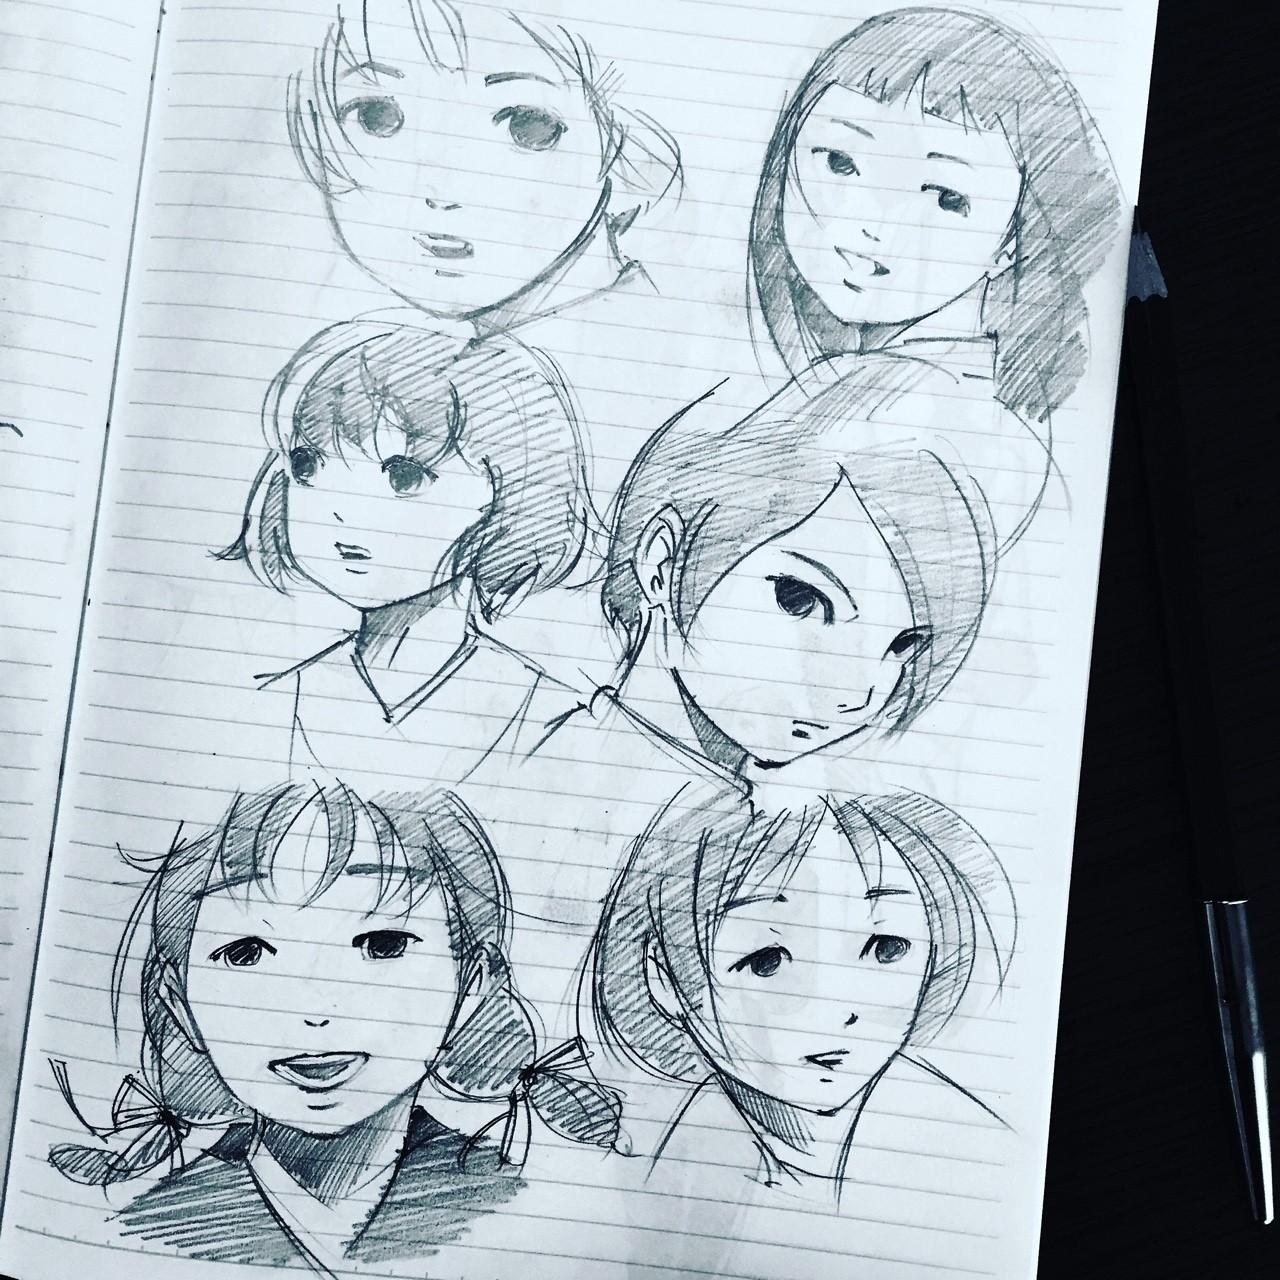 村田蓮爾さんのイラストを参考にしながら女の子の絵を描きましたの新着